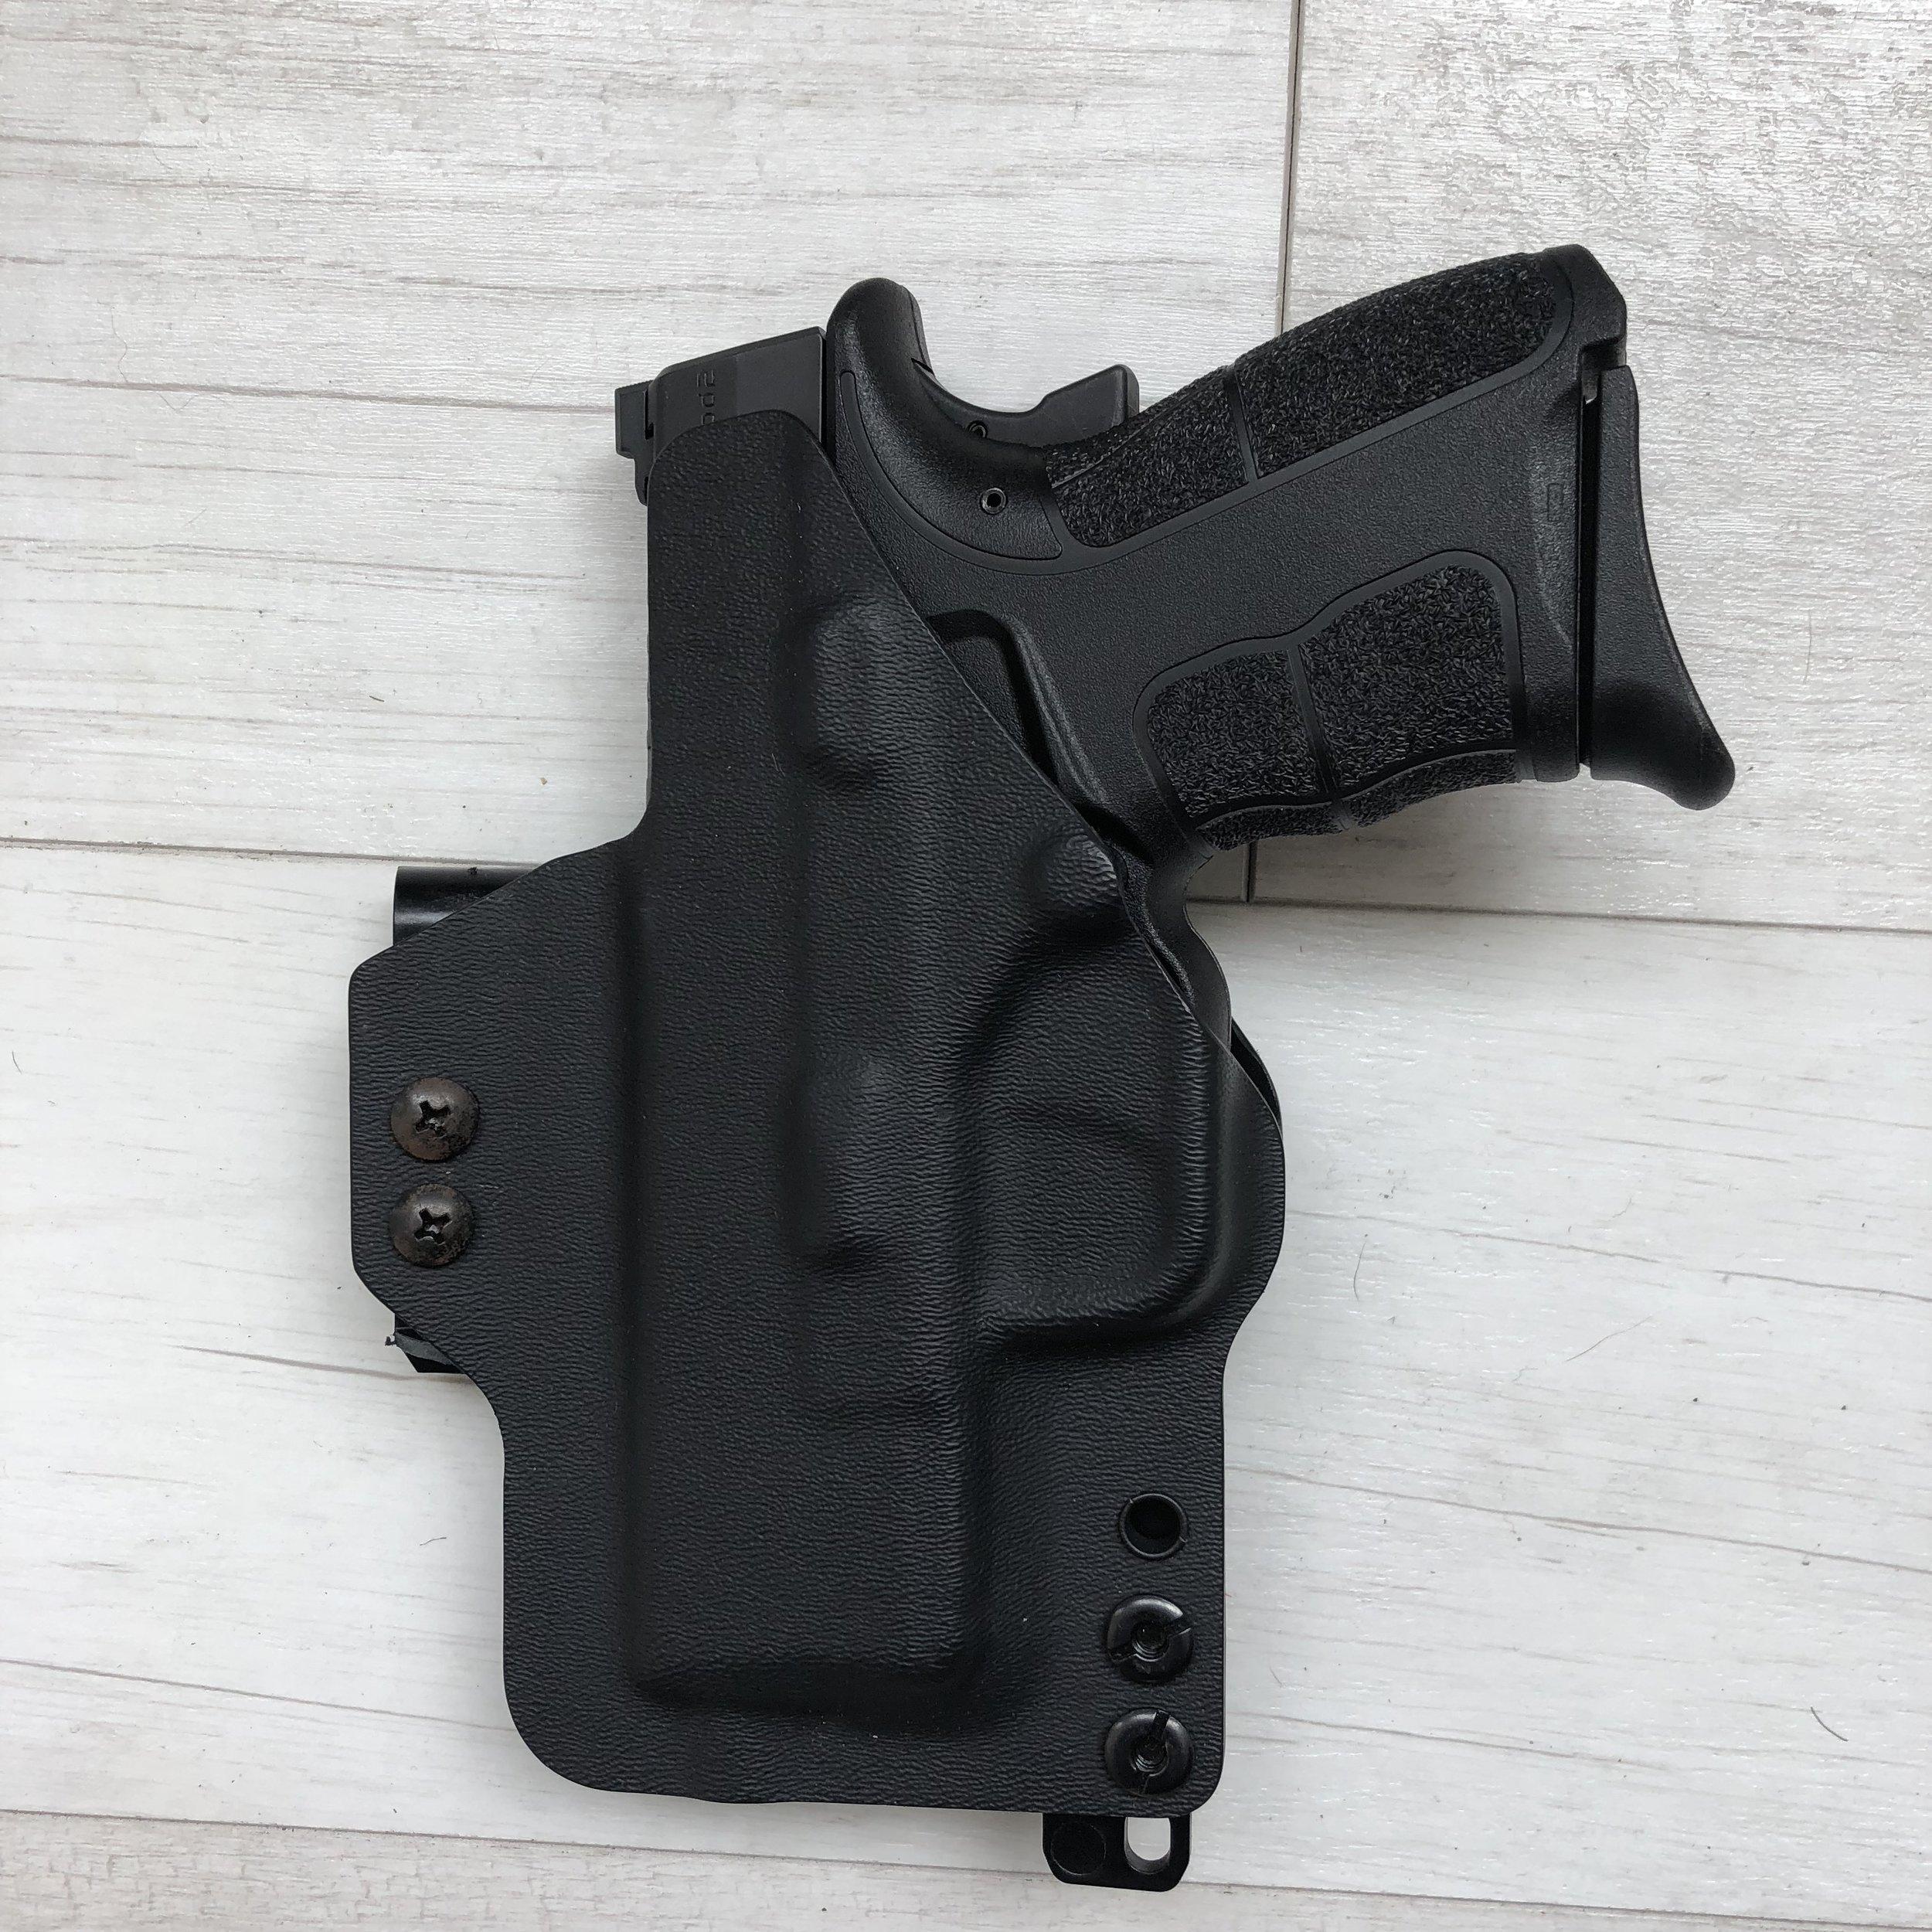 Torsion IWB Kydex Gun Holster from Bravo Concealment, $53.99